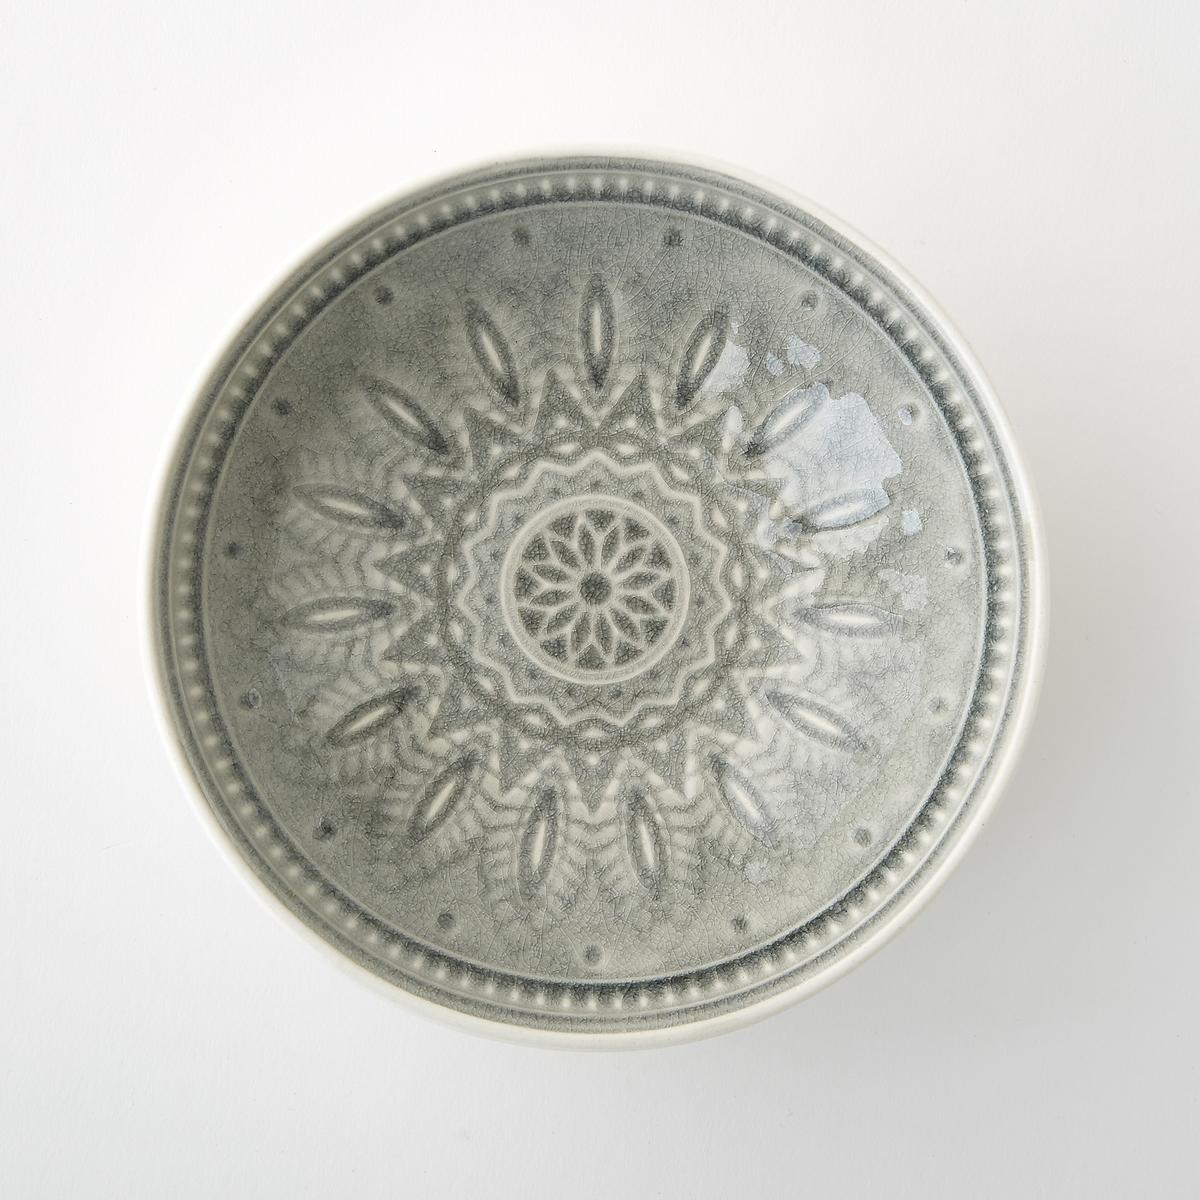 4 чаши керамических Nicolosi4 чаши Nicolosi. Из эмалированной керамики с отделкой кракле. Объемный рисунок. Подходит для посудомоечной машины и микроволновой печи. Размеры  : ?17,5 x В5,5 см.<br><br>Цвет: серый<br>Размер: единый размер